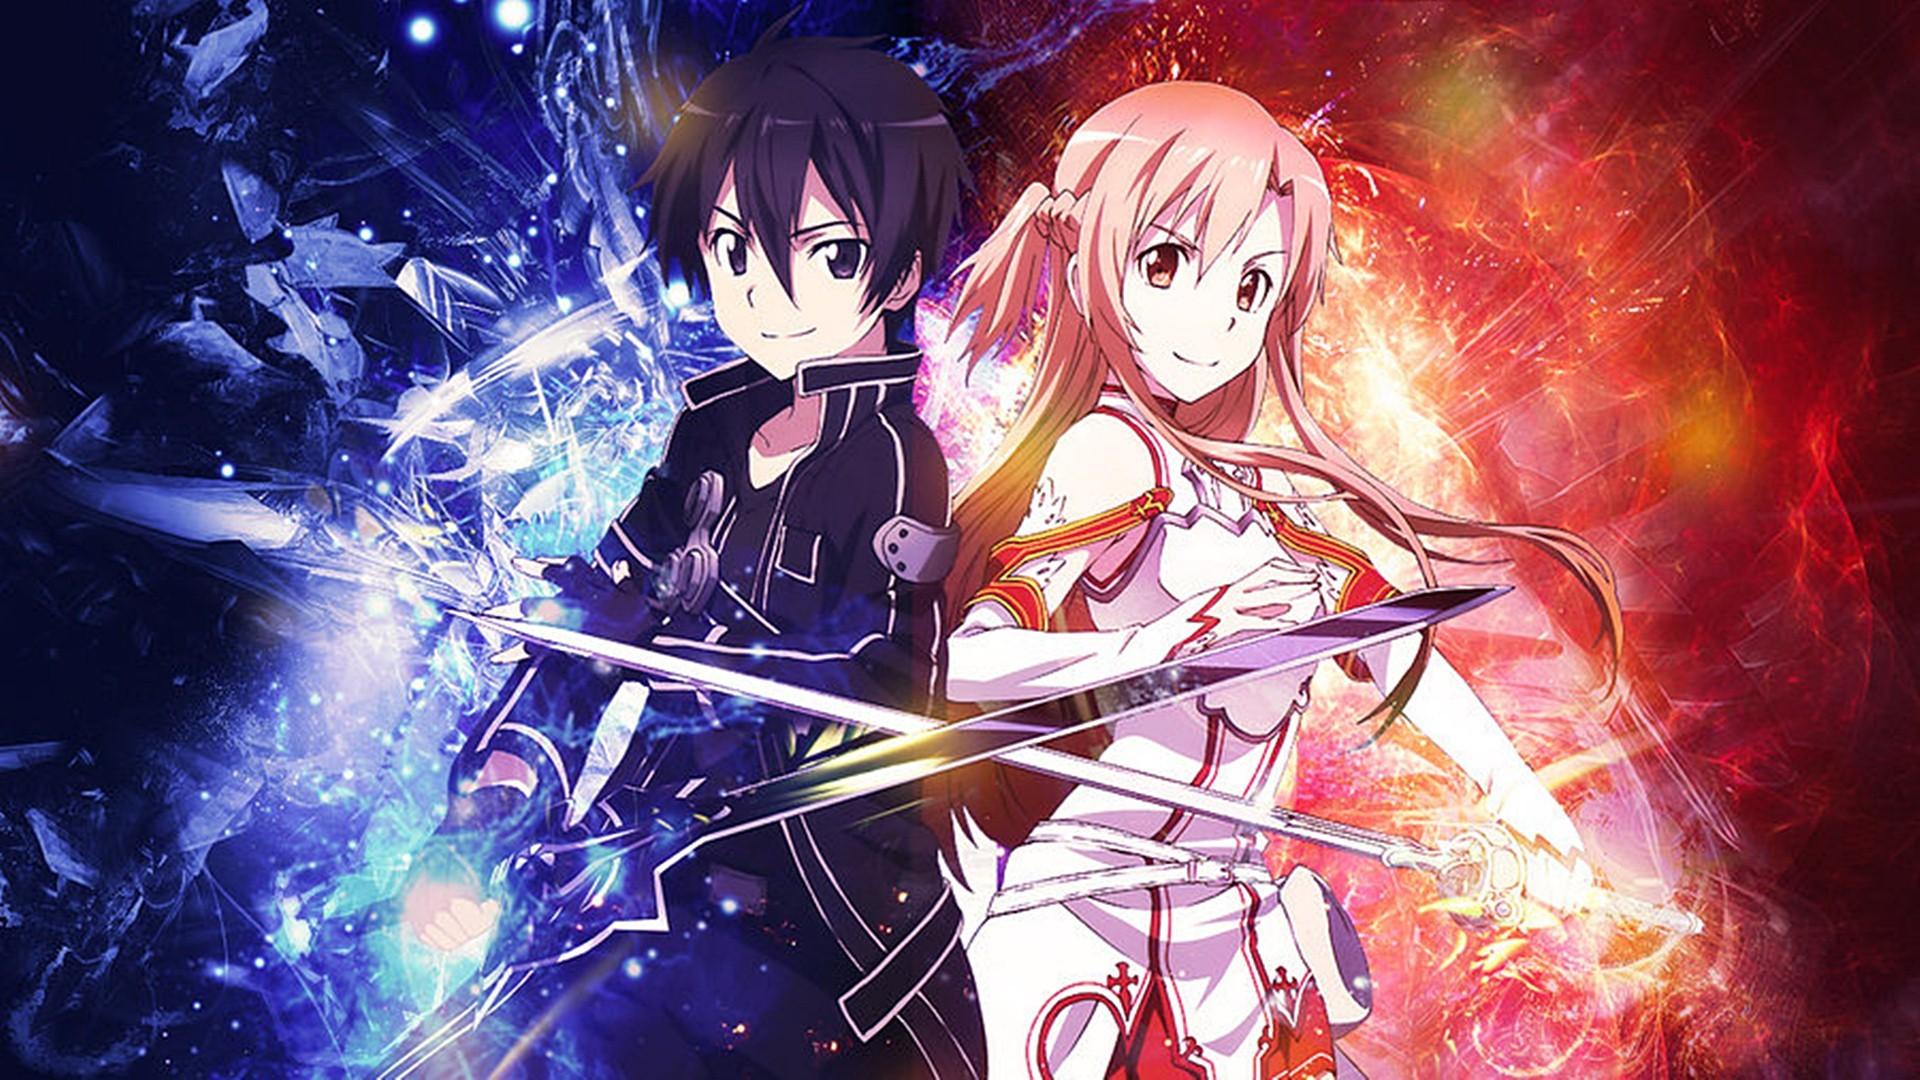 L'amour n'est pas un jeu (Sword Art Online)